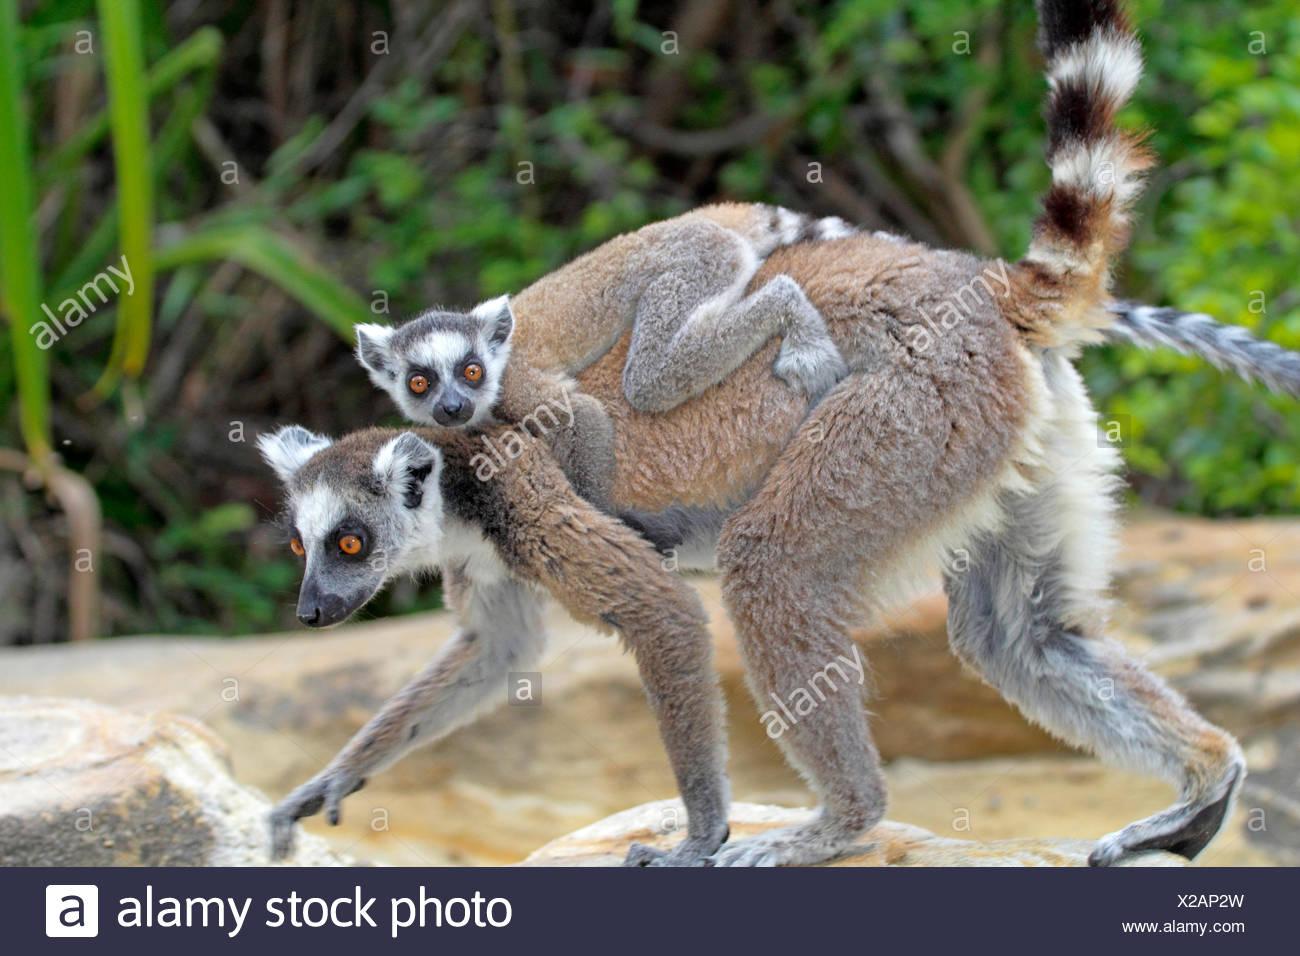 Lémur de cola anillada (Lemur catta), hembra con crías en su espalda, Madagascar, el Parque Nacional de Andringitra Imagen De Stock